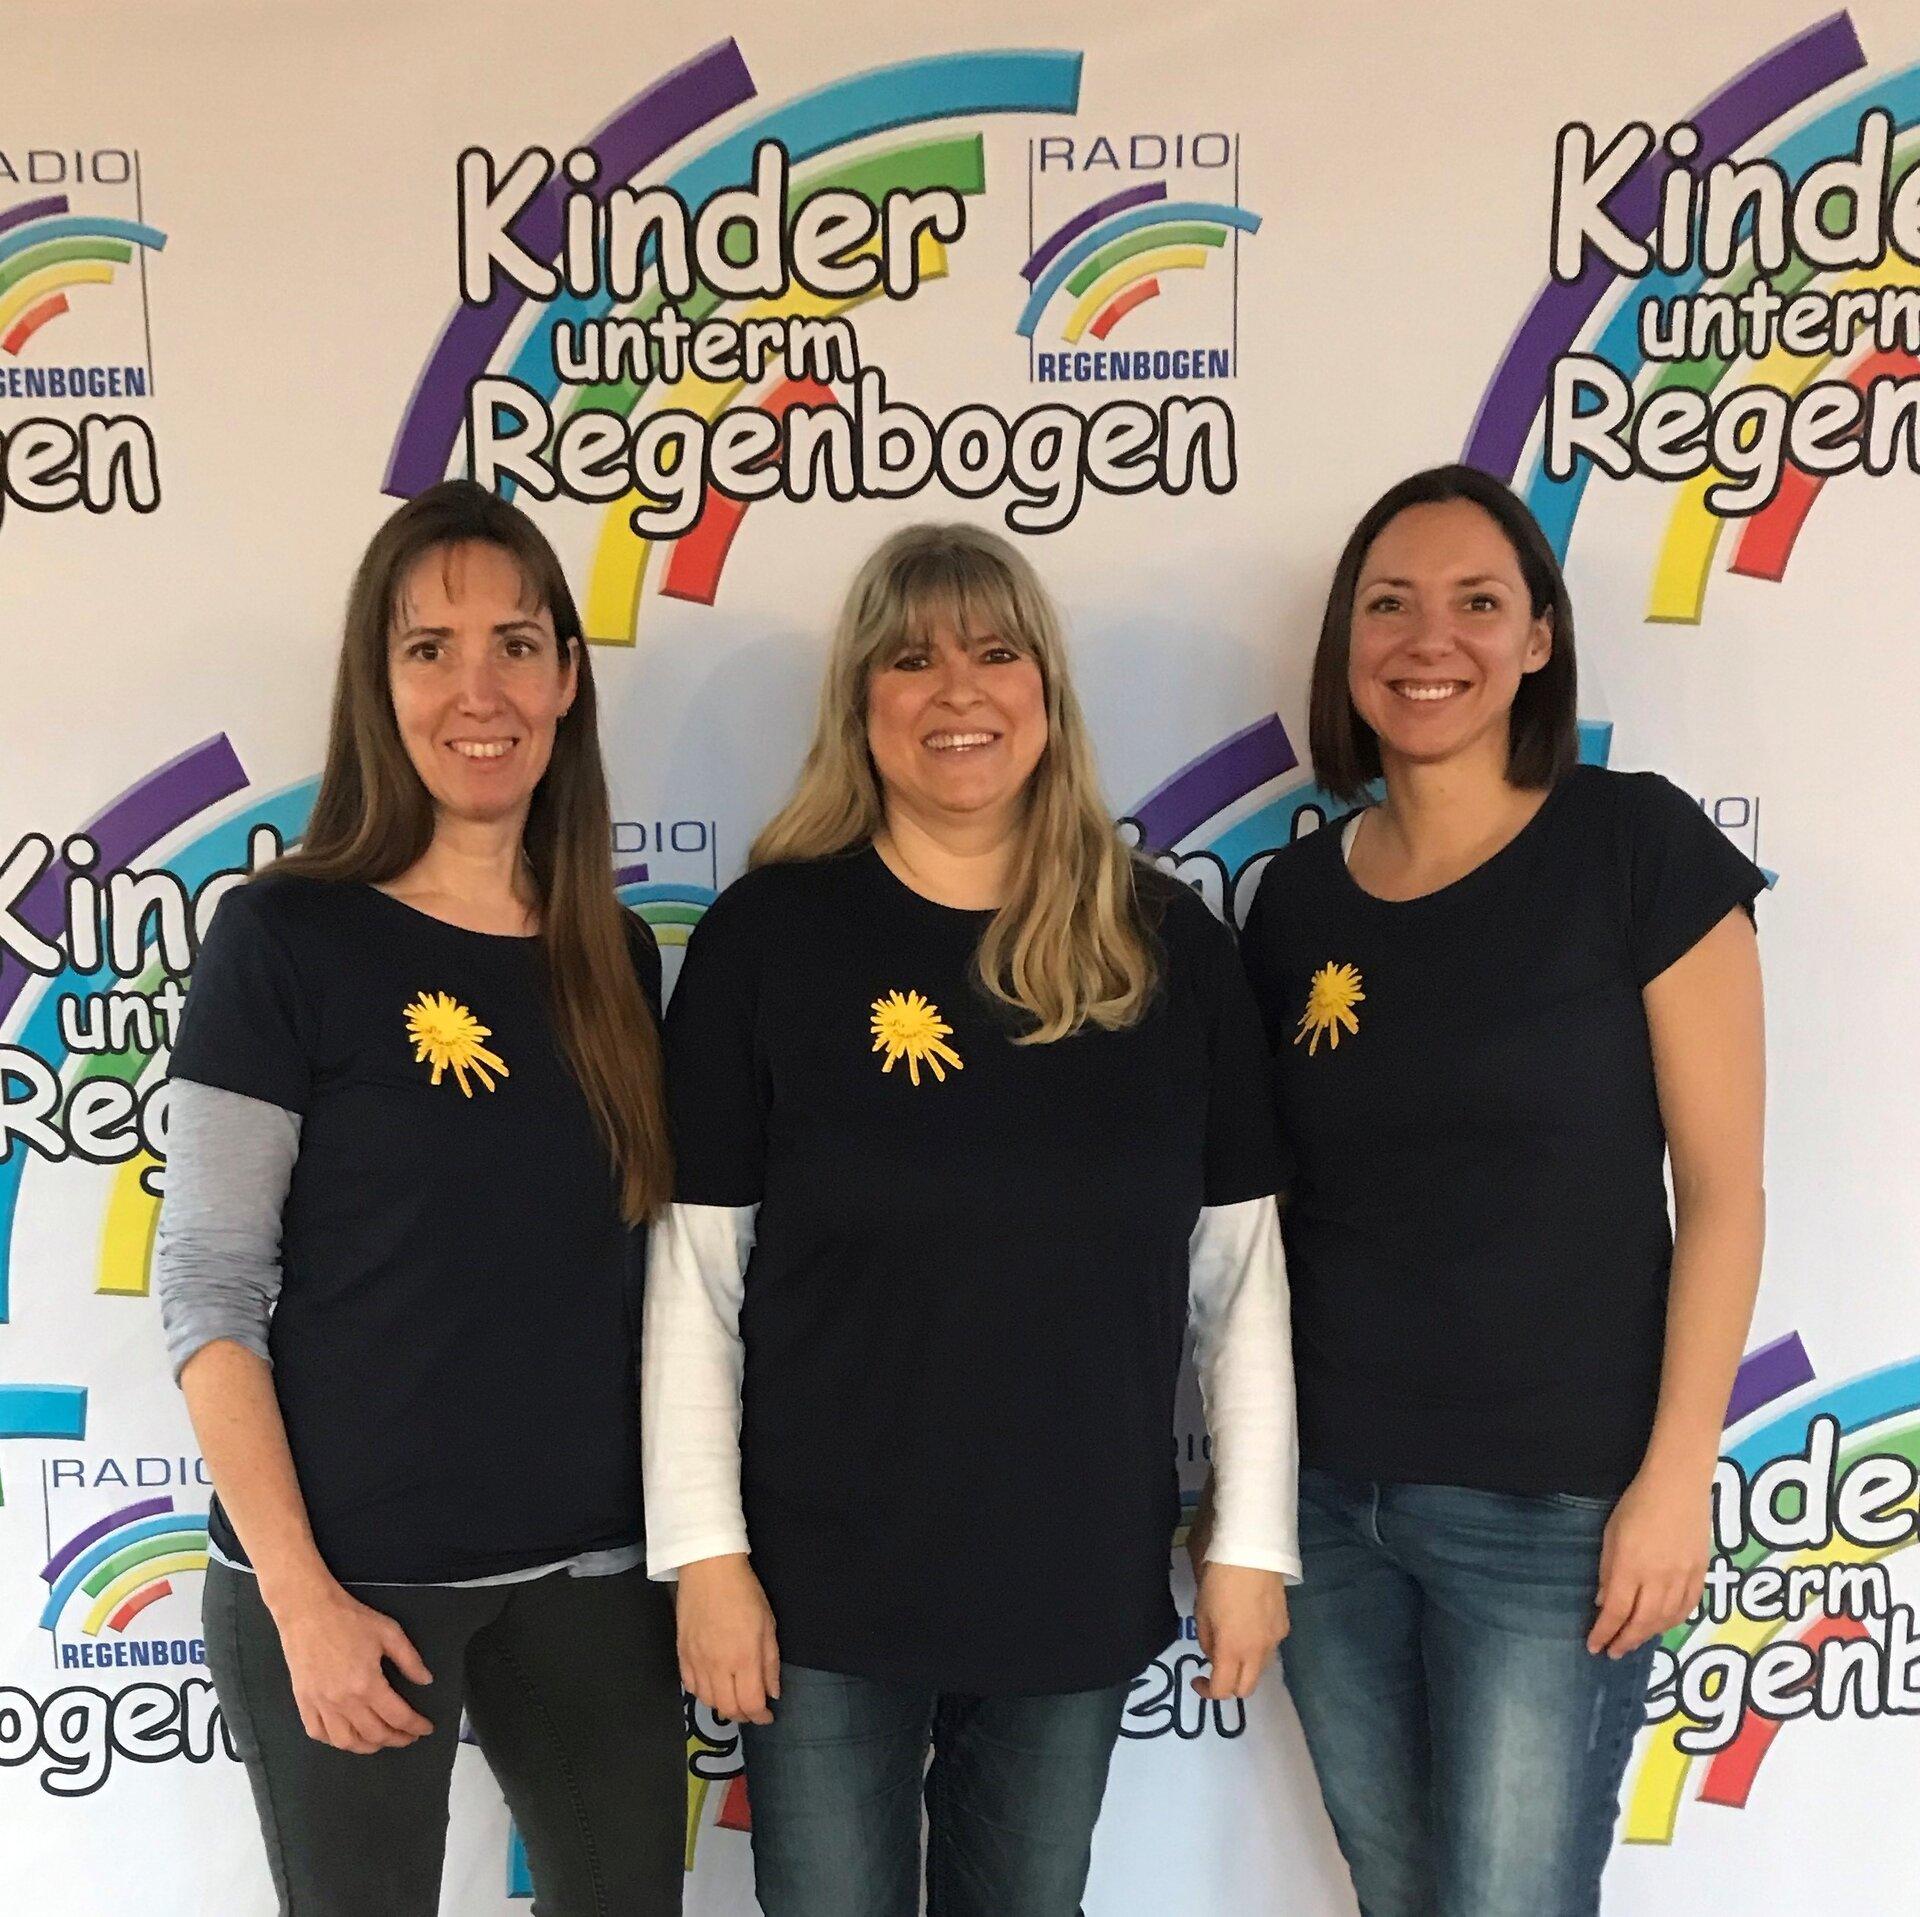 Auf dem Bild sieht man Heike Klemm, Petra Doering und Tina Luhn vor Kinder unterm Regenbogen-Logo